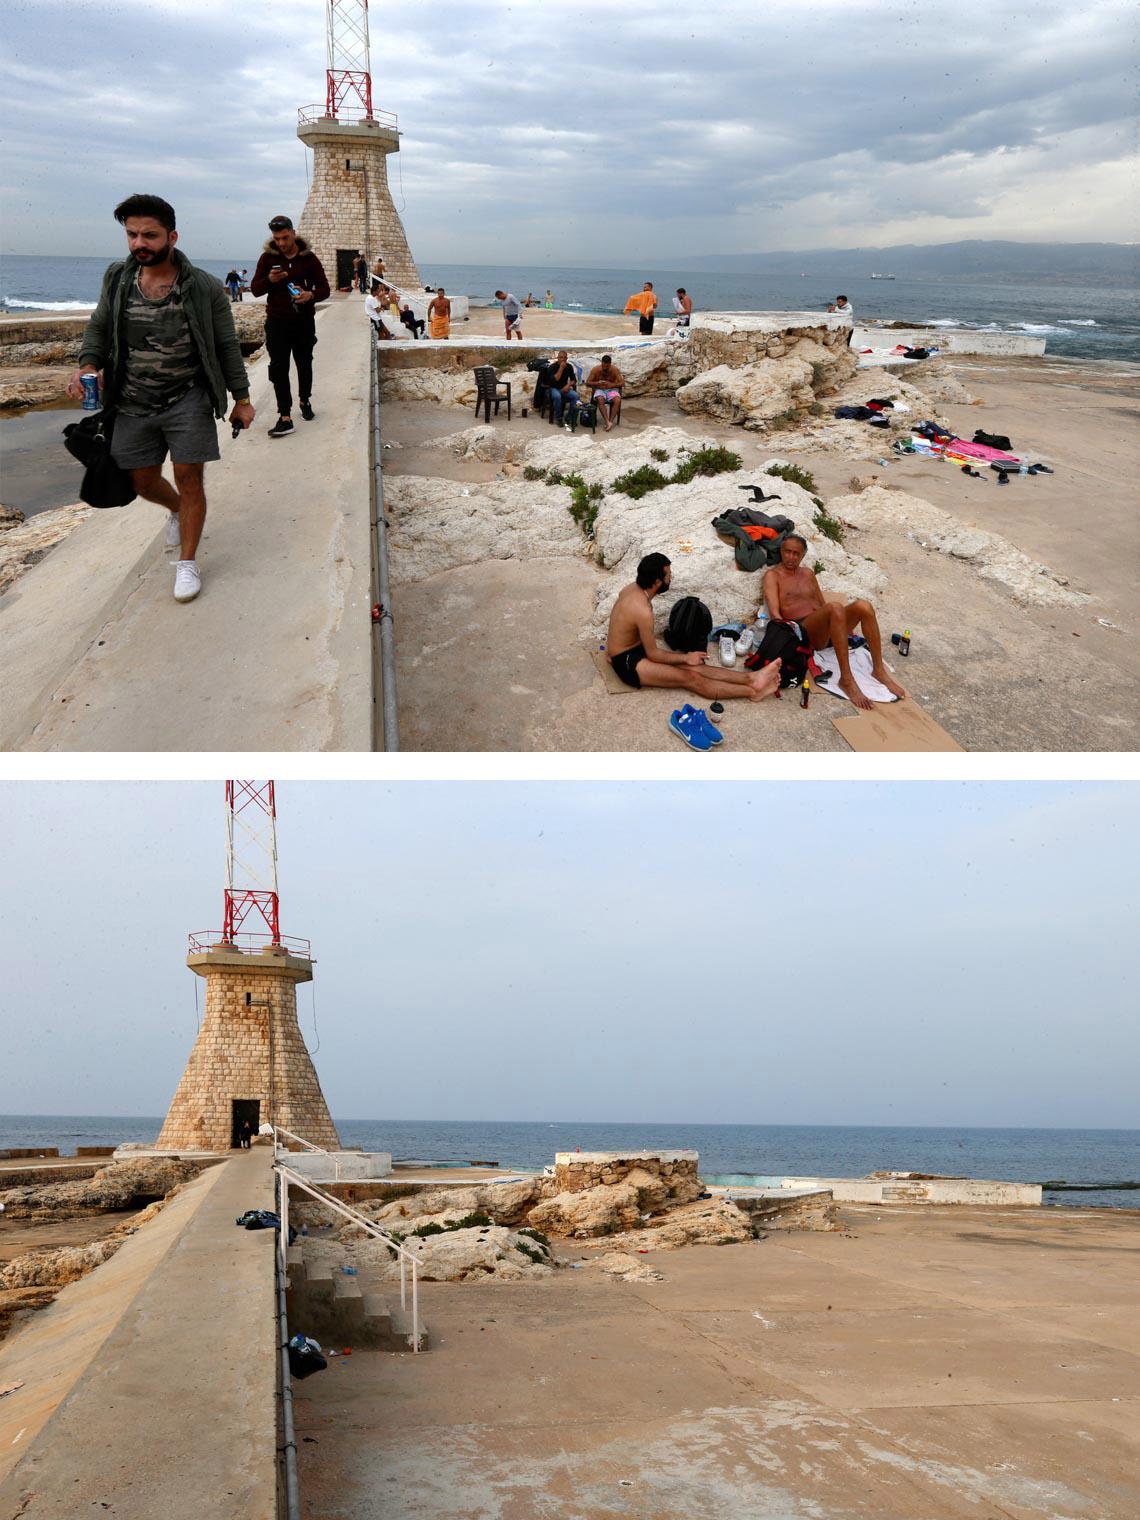 Chùm ảnh: Thế giới trước và sau cơn sóng thần COVID-19 -8